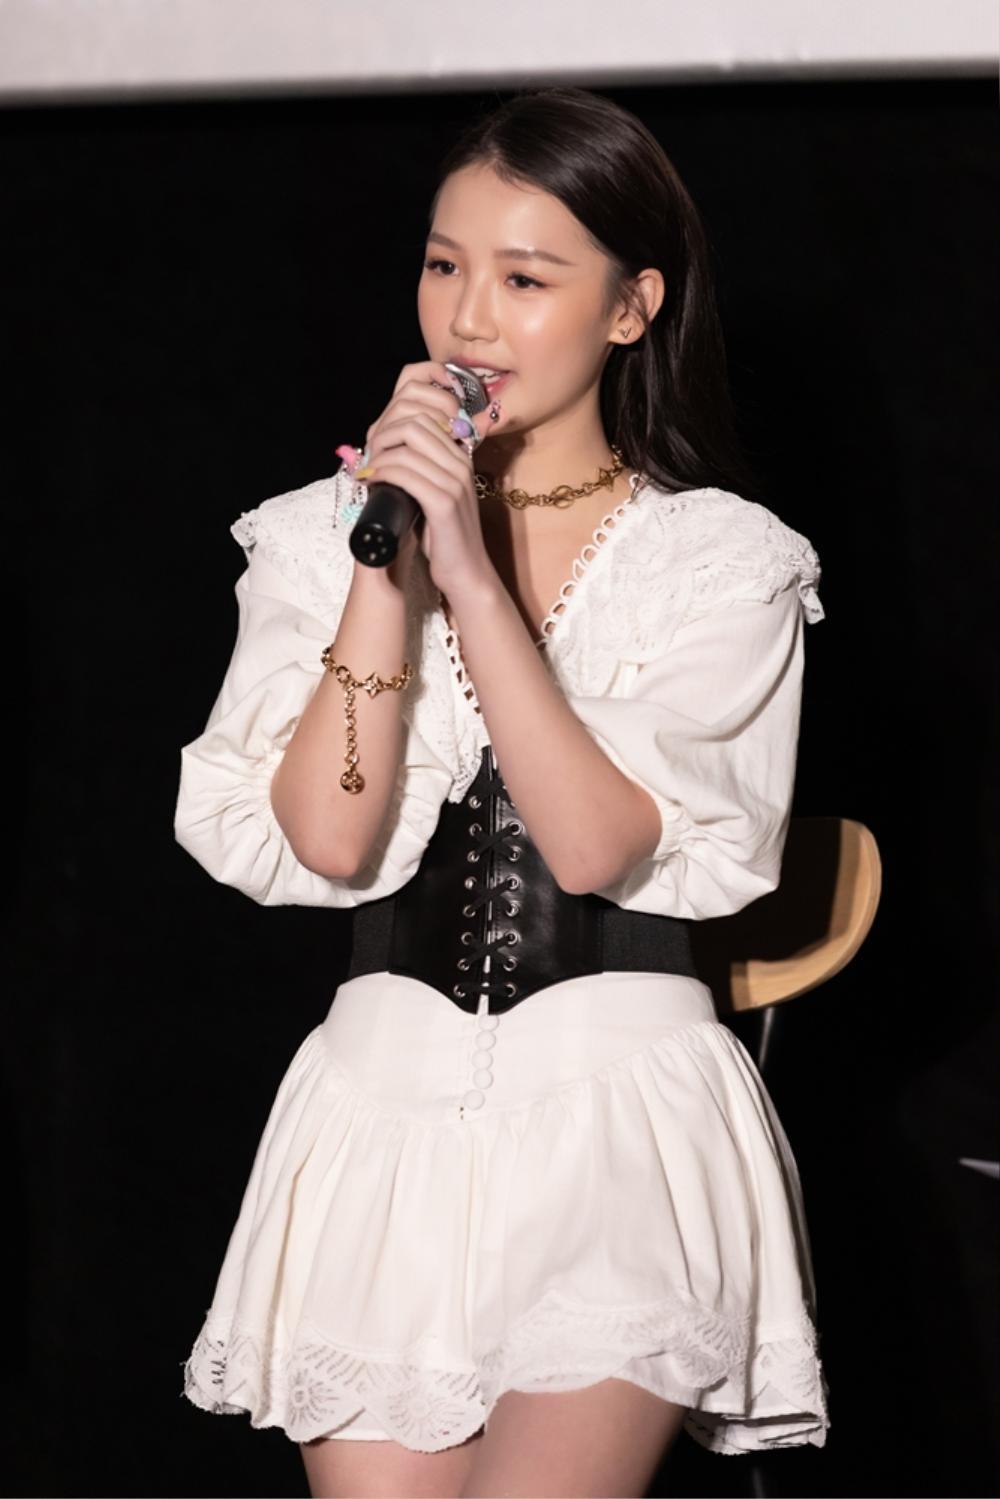 Bị nghi ngờ khả năng hát live tại họp báo dự án mới, AMEE nói gì? Ảnh 1